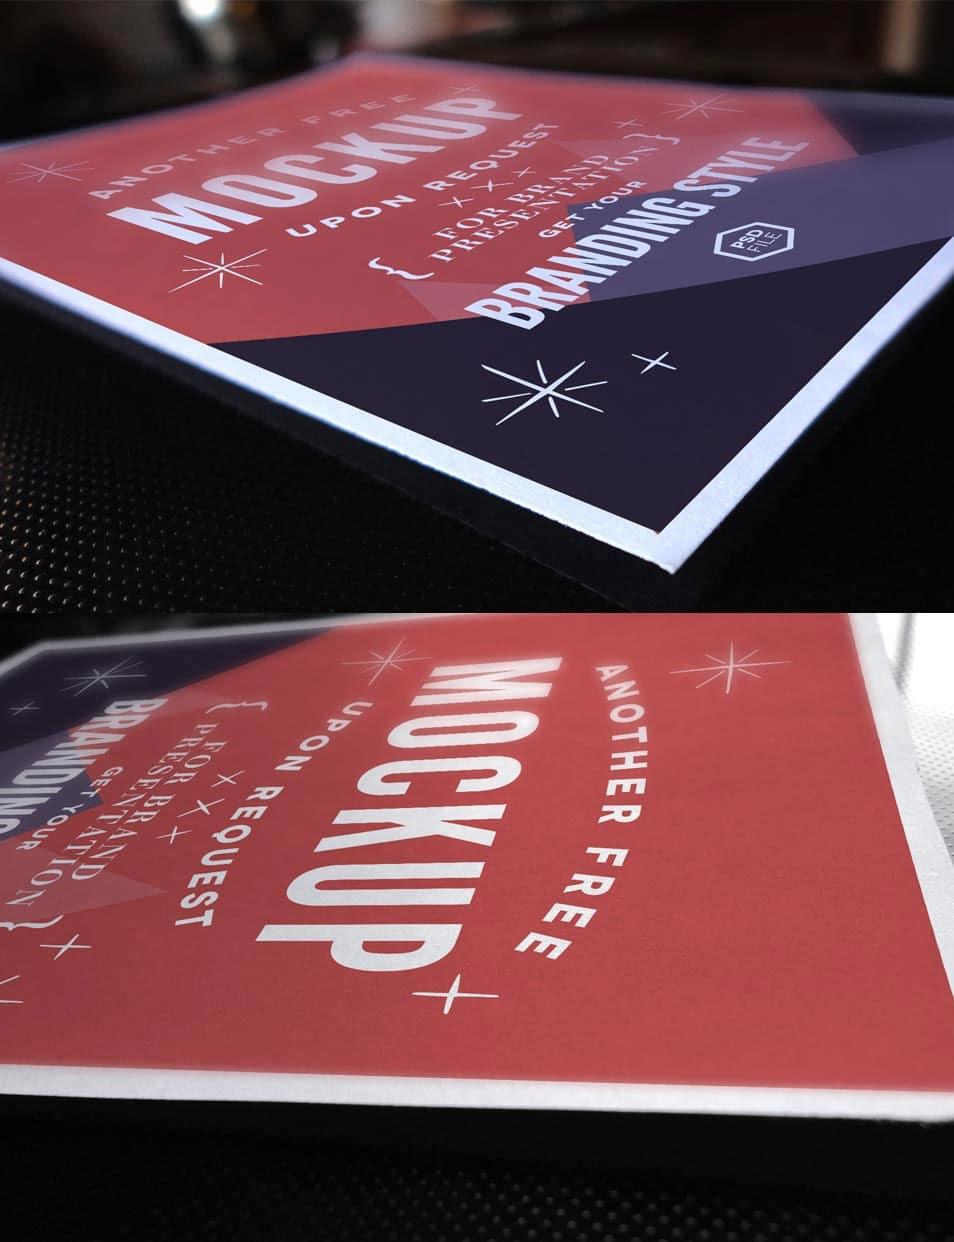 Psd A4 Paper Mock-Up Vol2